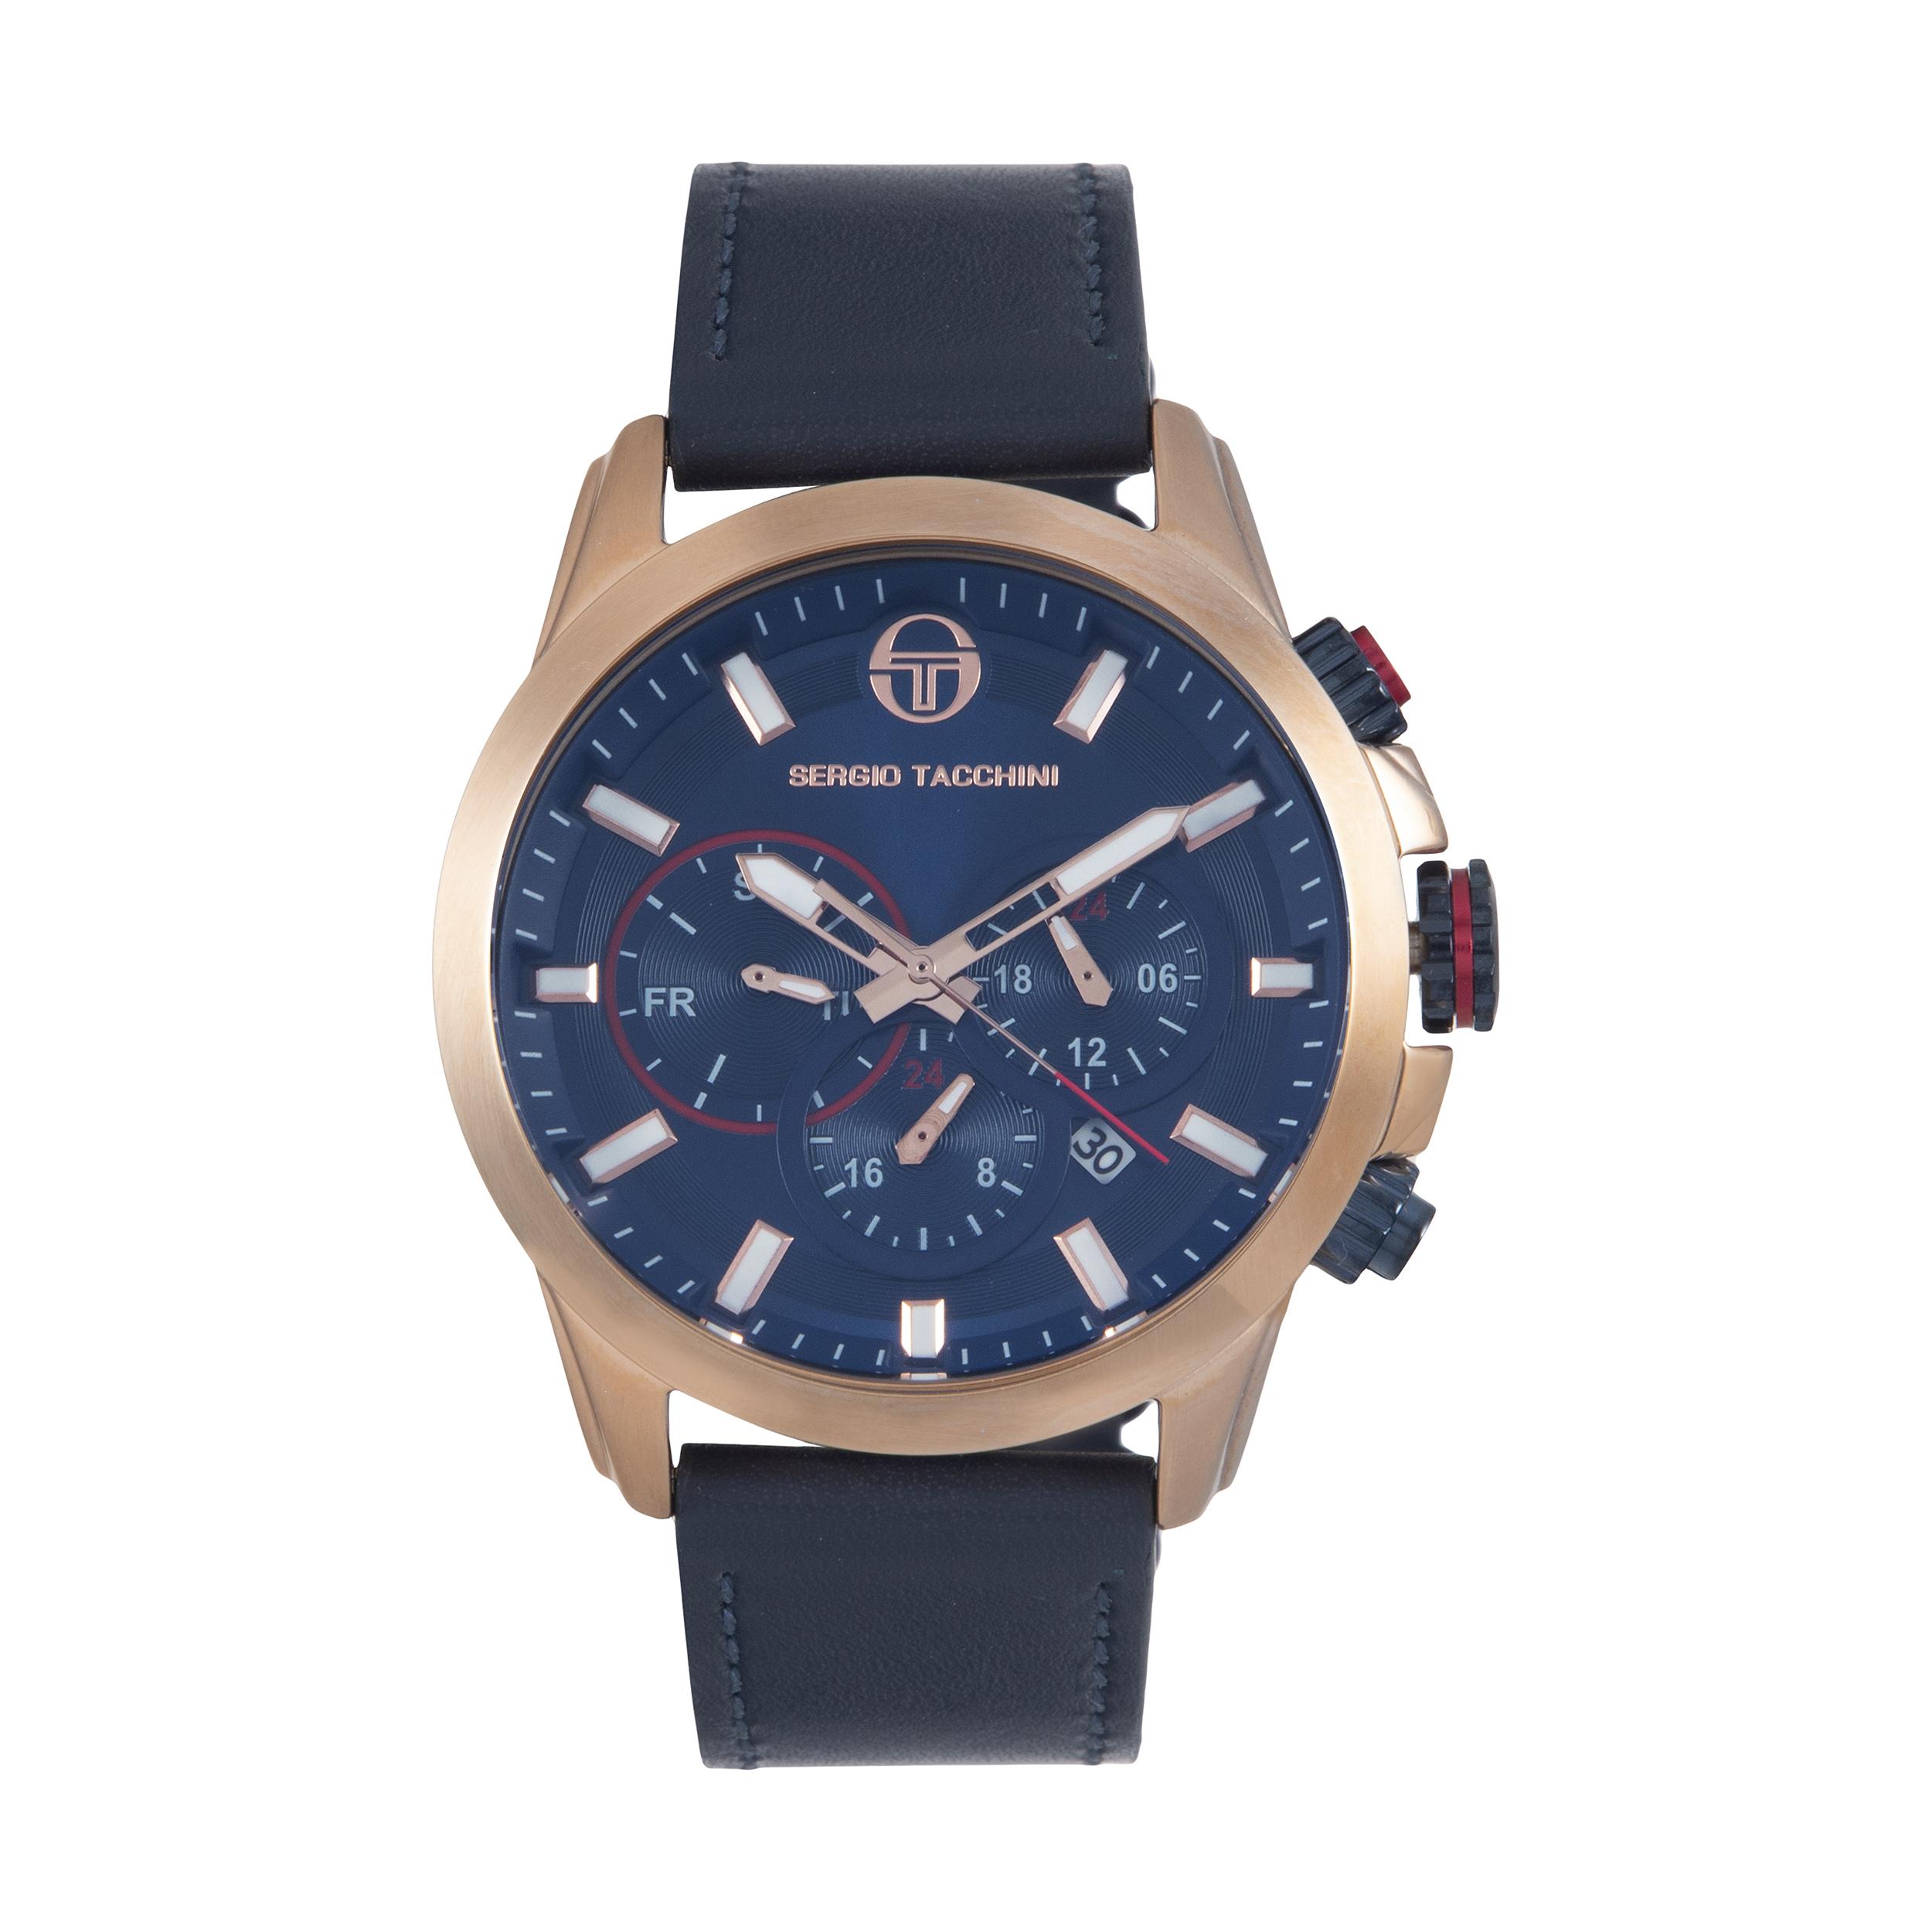 ساعت مچی عقربه ای مردانه سرجیو تا چینی مدل ST.5.150.05